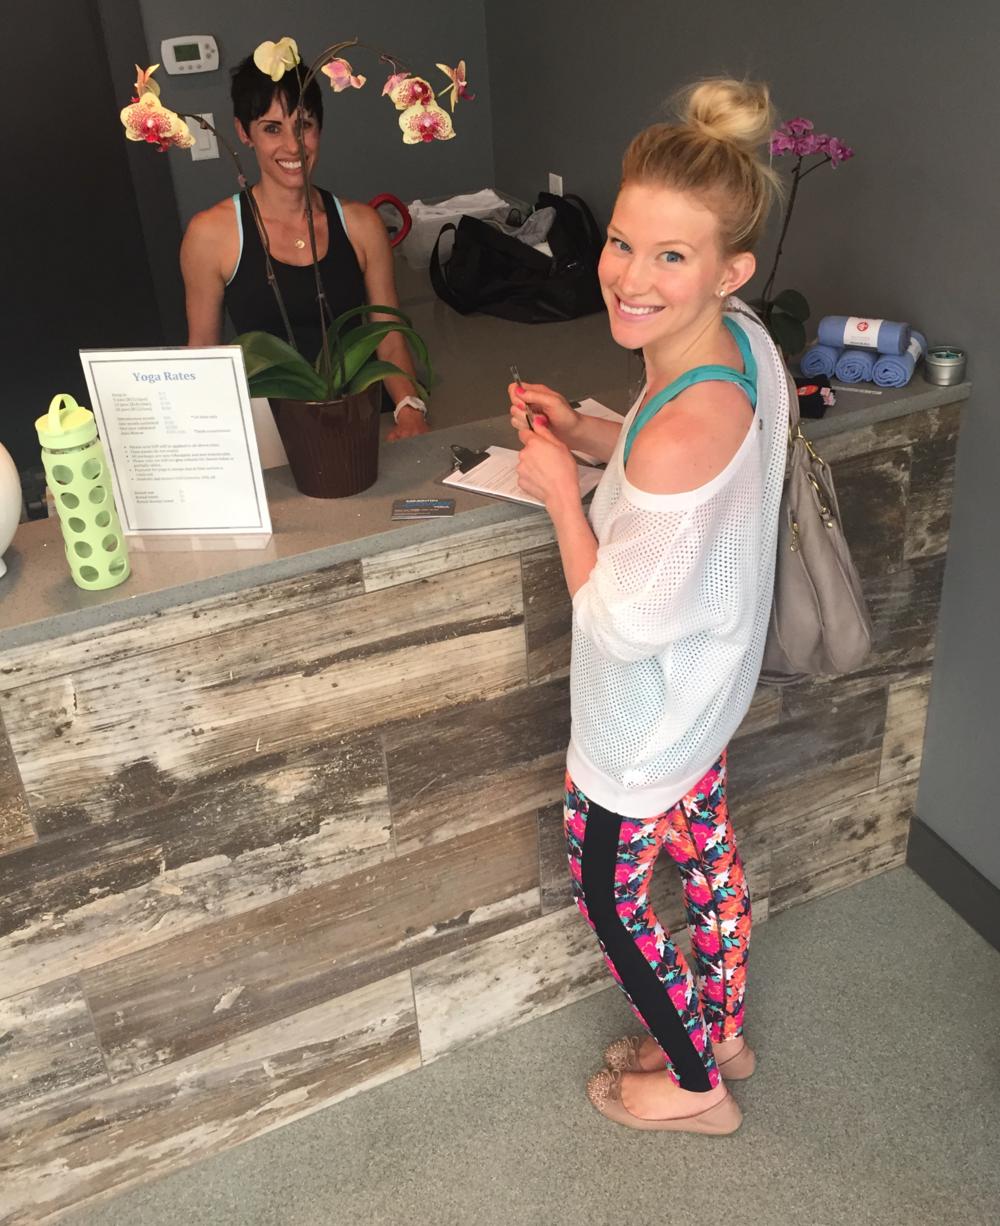 Edmonton Power Yoga (& Giveaway!)